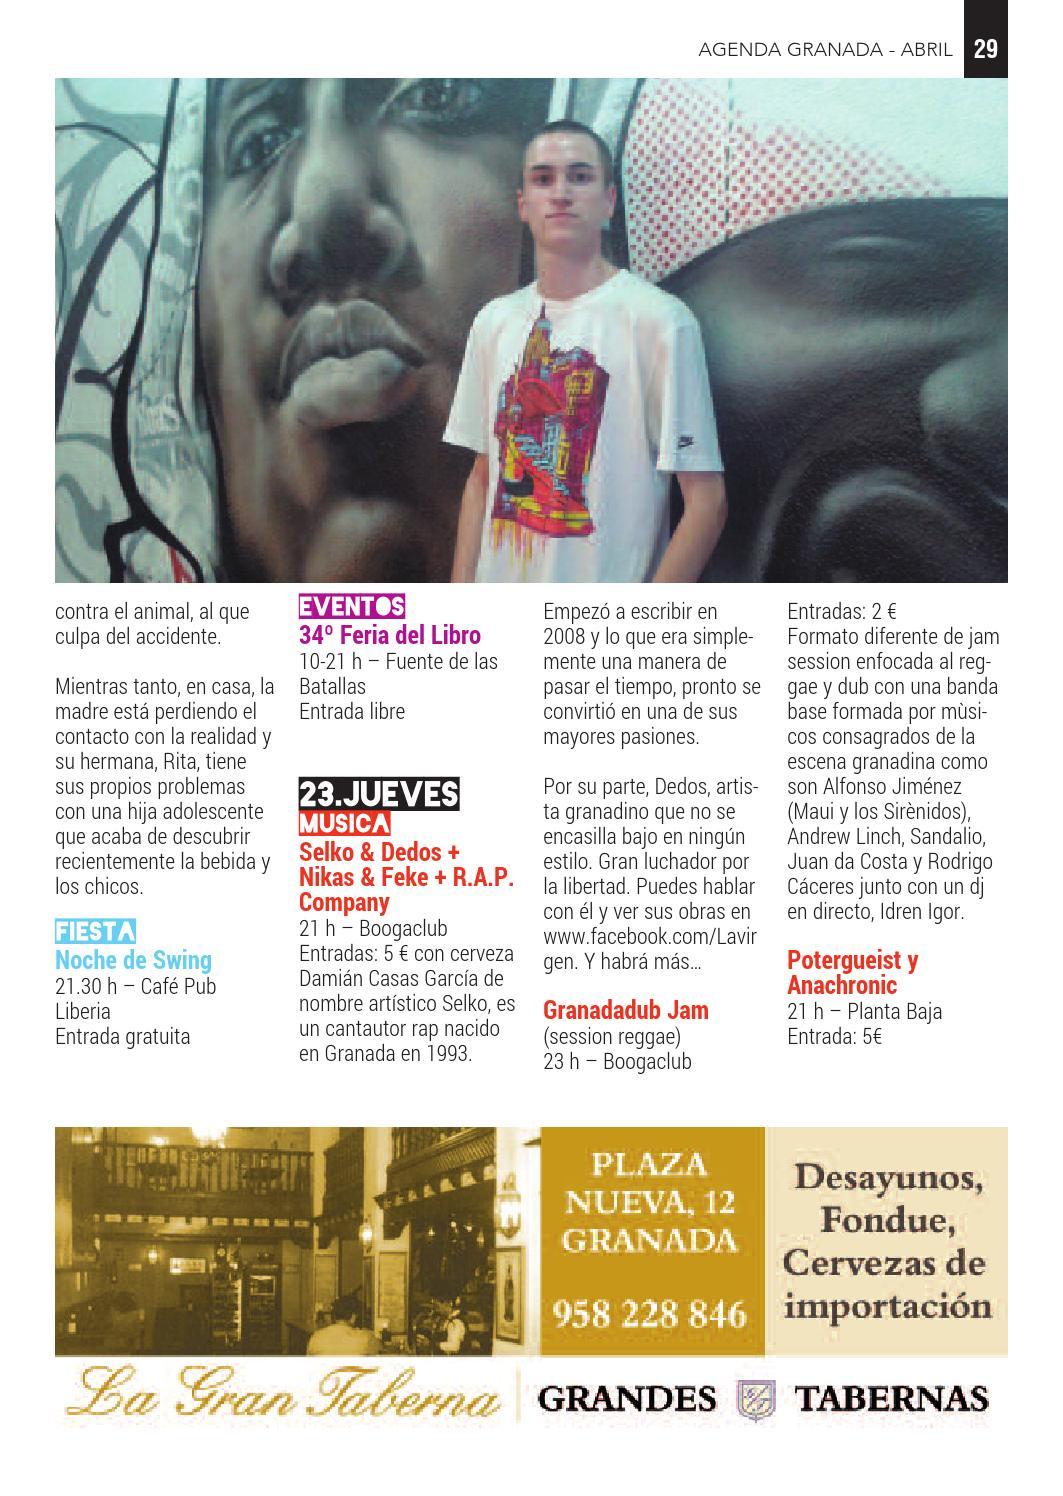 En Granada Cultura Issuu Abr15 Pocketguia By Yf76gby